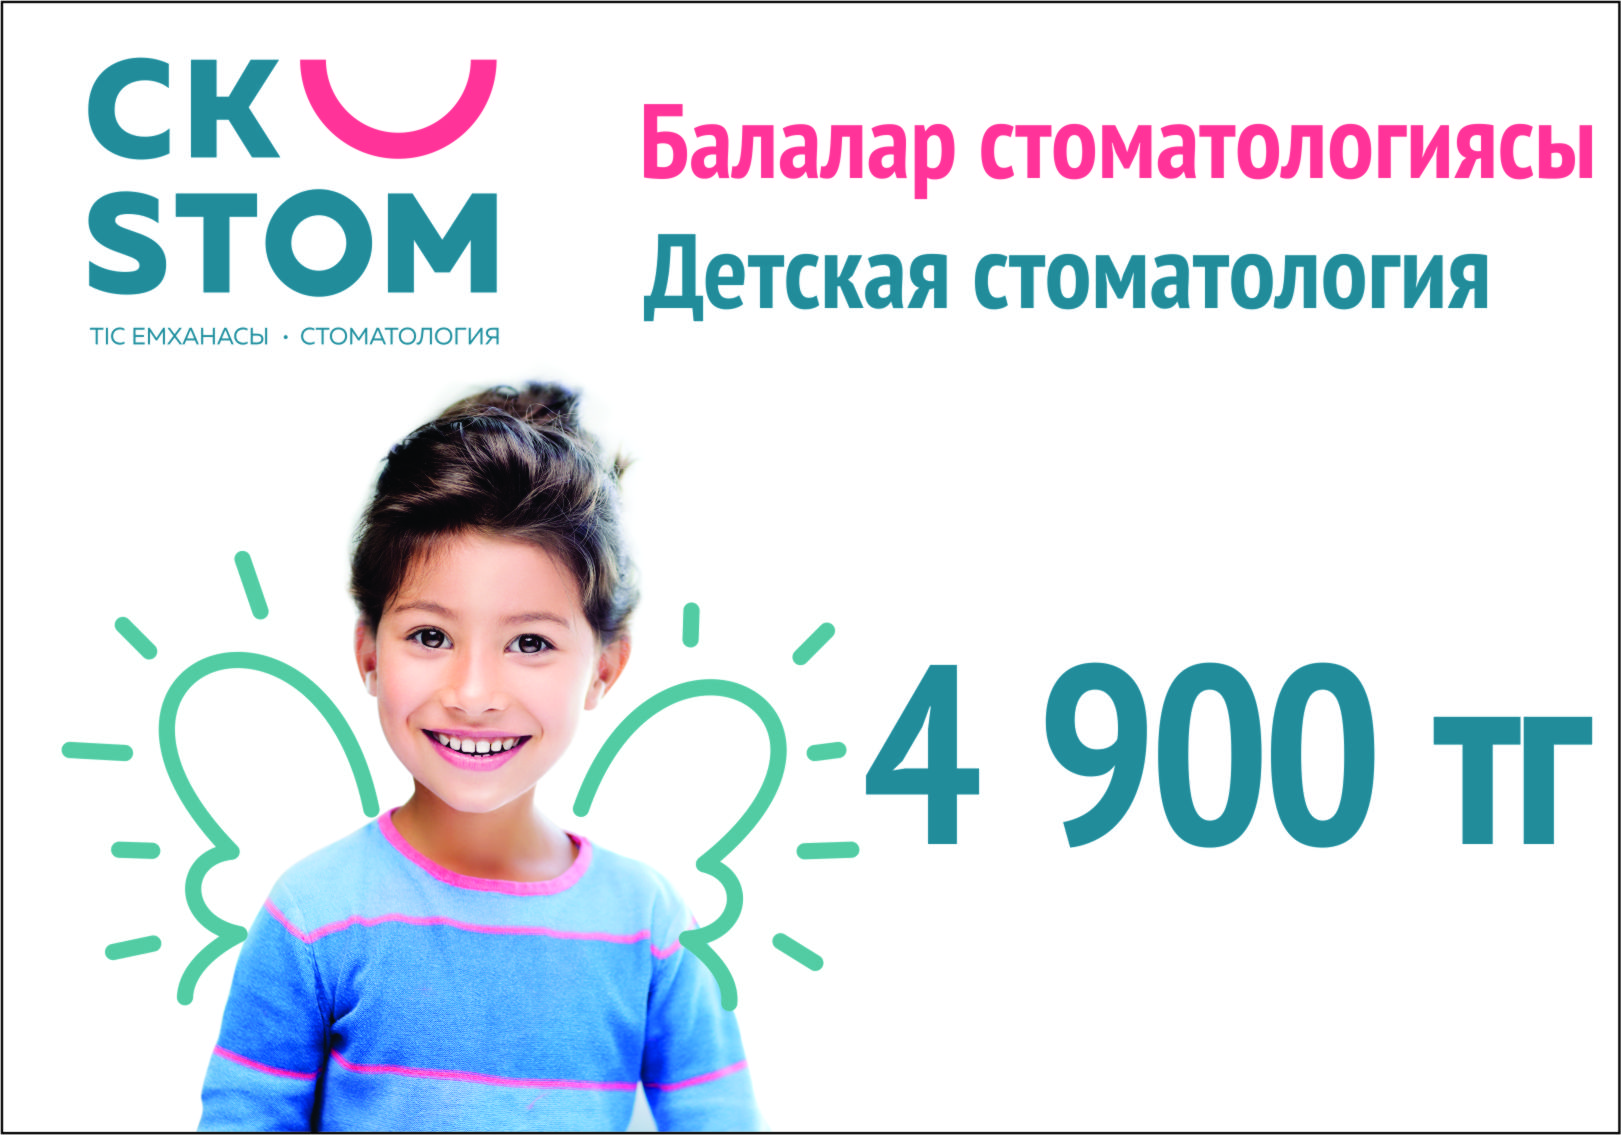 Детская стоматология 4900 тг.